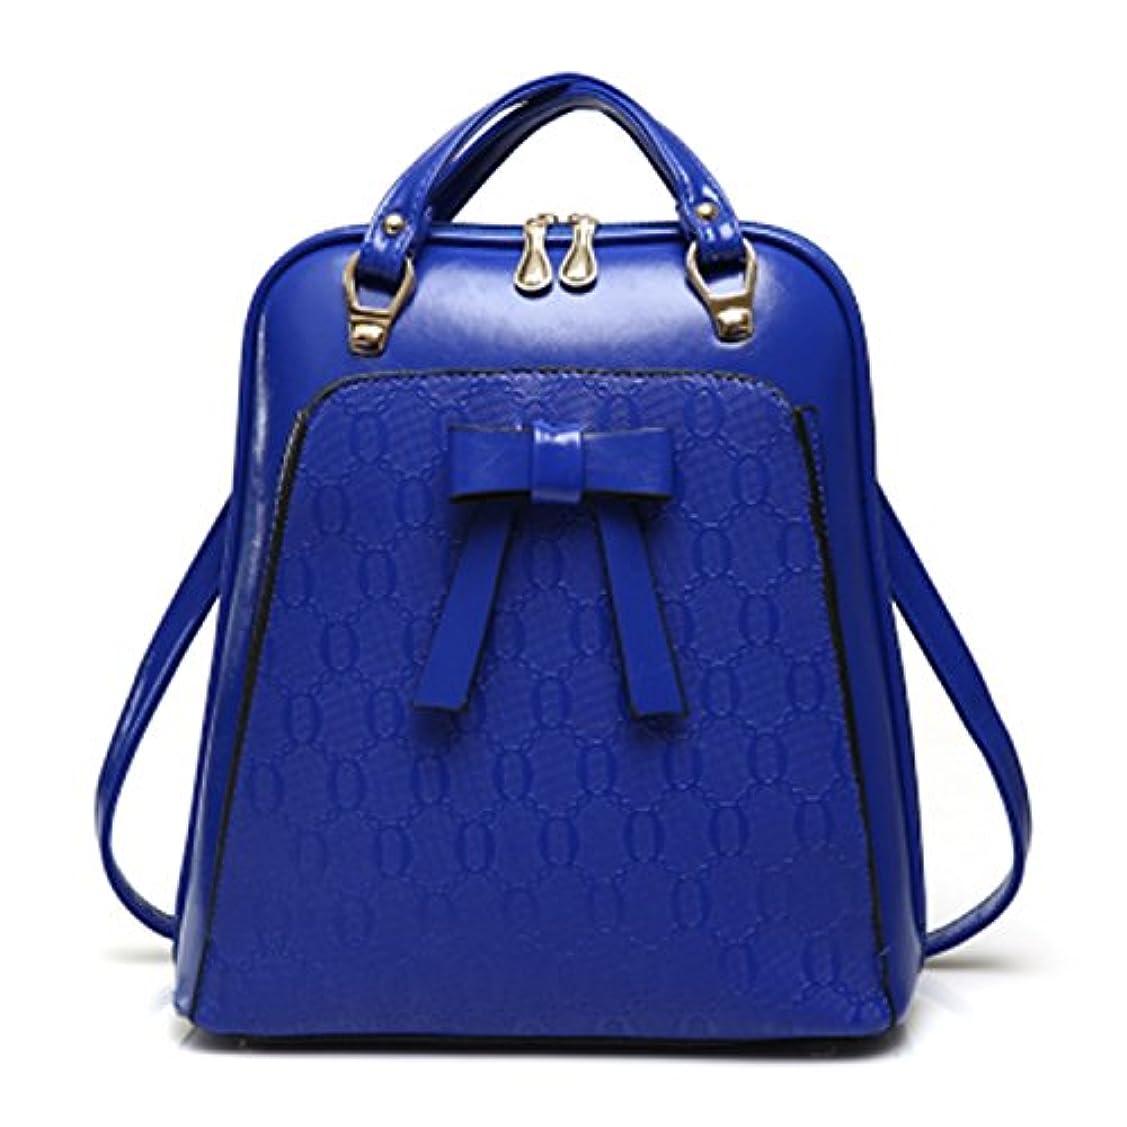 比率とにかくデコードする高級 革 リュックサック 5色 バッグ バック バックパック  おしゃれ レディース レザー 皮 鞄 通勤 通学 軽量 大容量